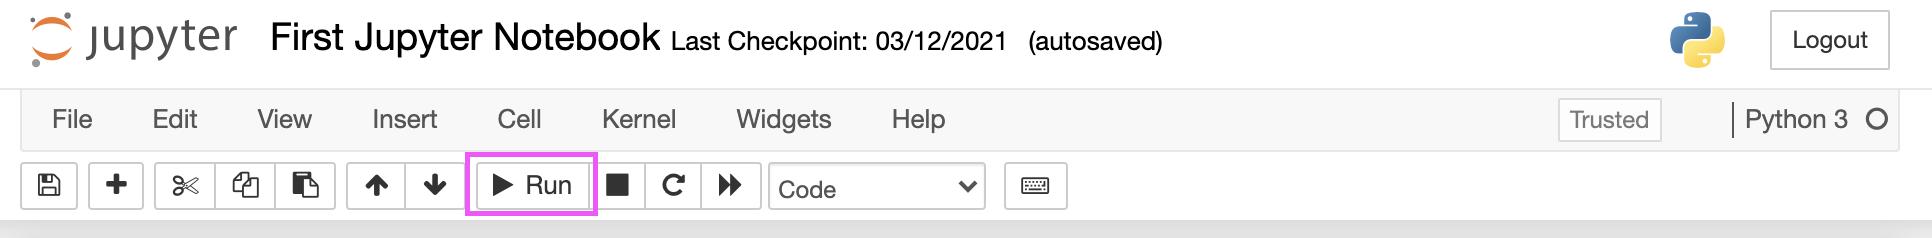 run button in the Jupyter Notebook menu